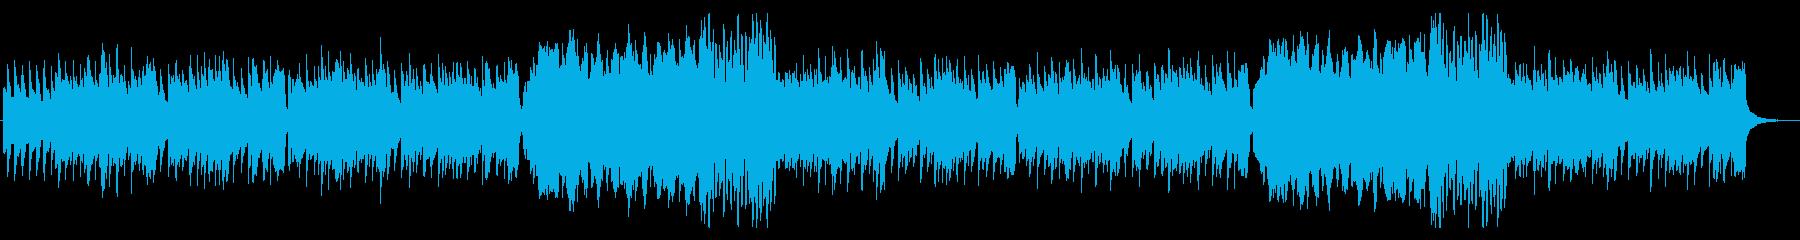 朝の街並みの様なポップスの再生済みの波形